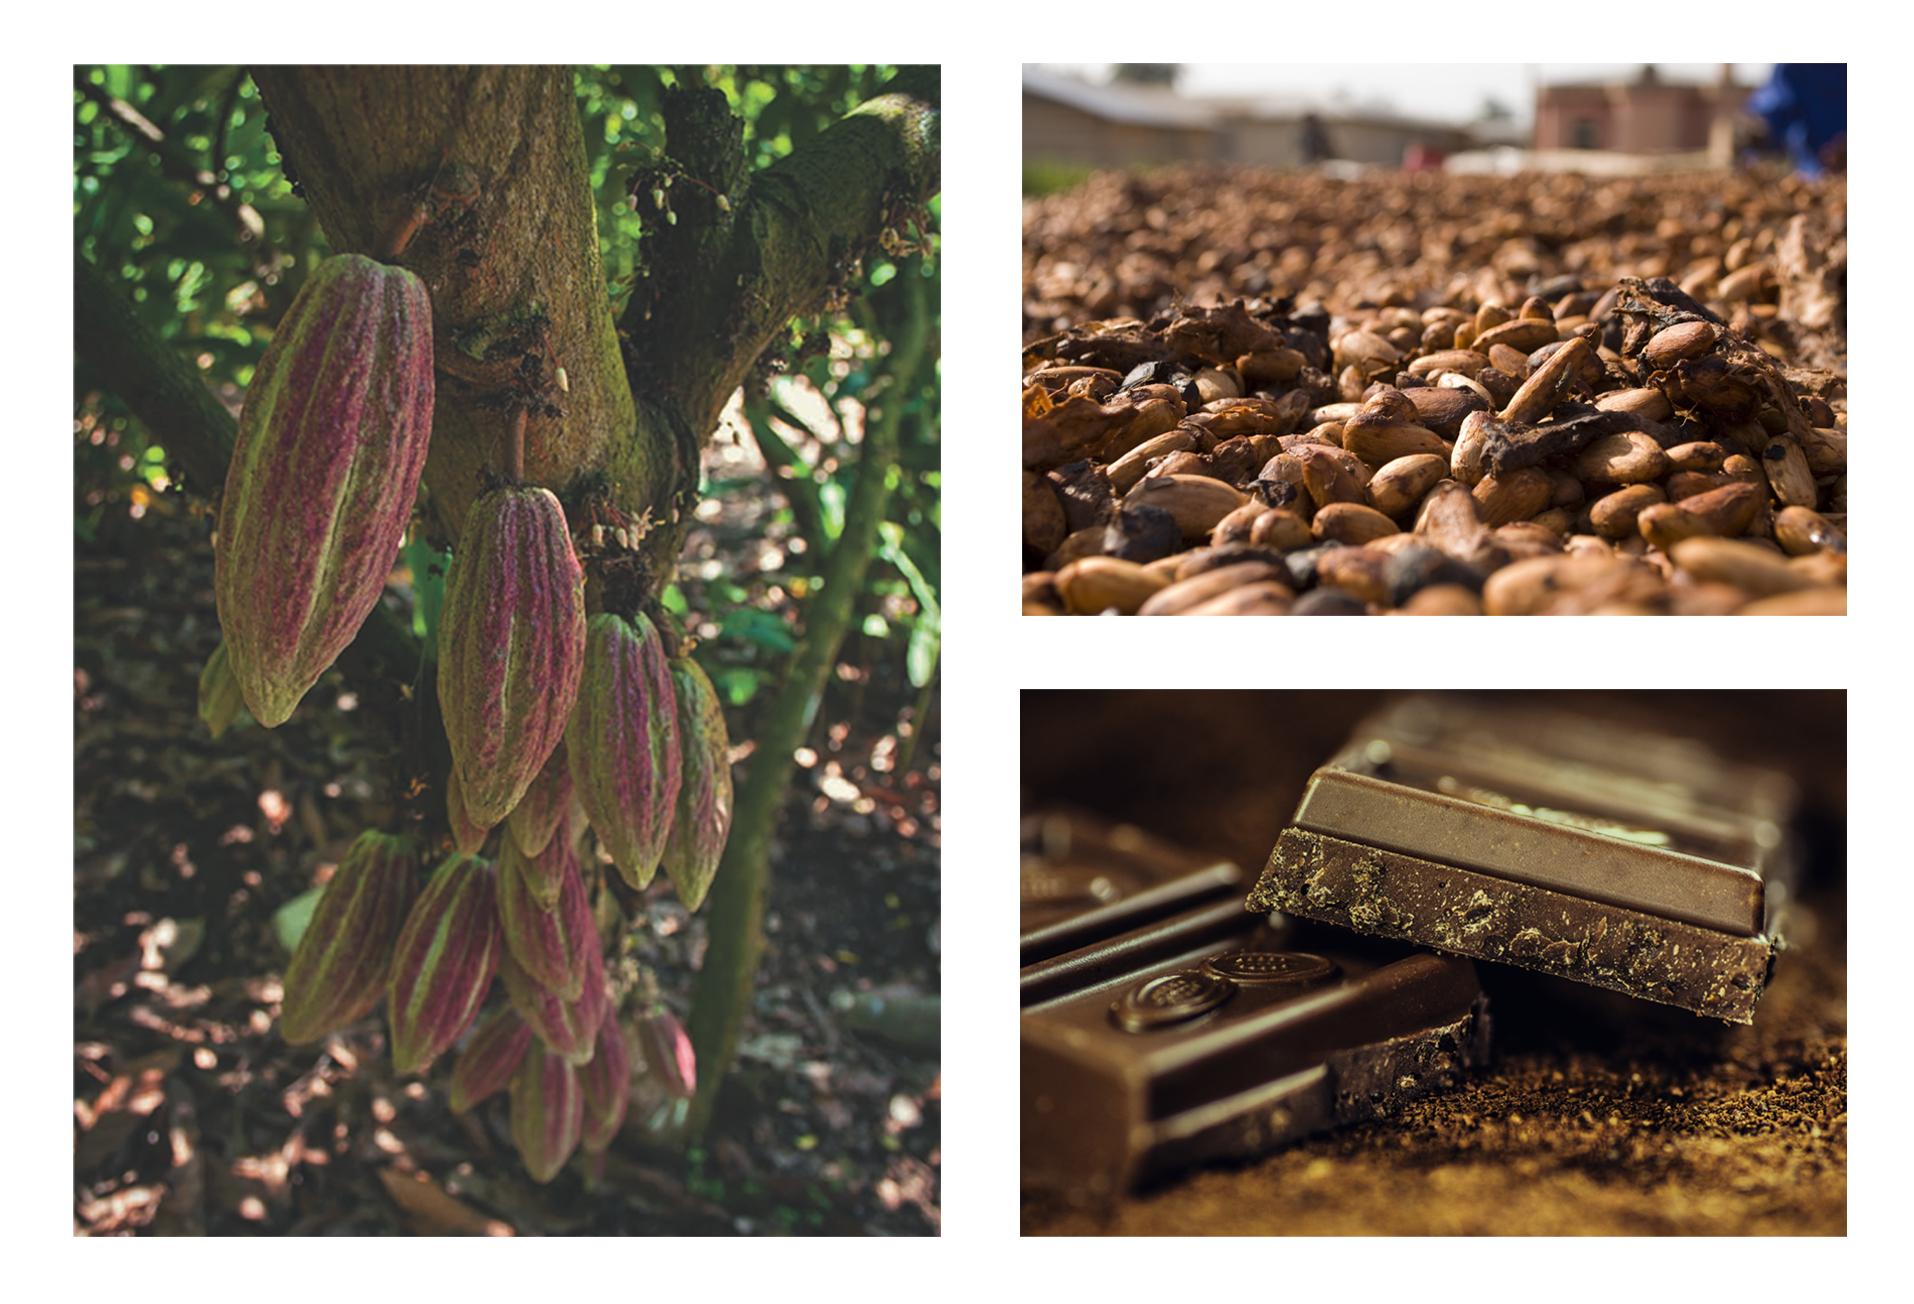 El chocolate provee servicios ambientales, ya que cultivada a la sombra favorece el desarrollo de gran cantidad de plantas, animales y hongos.